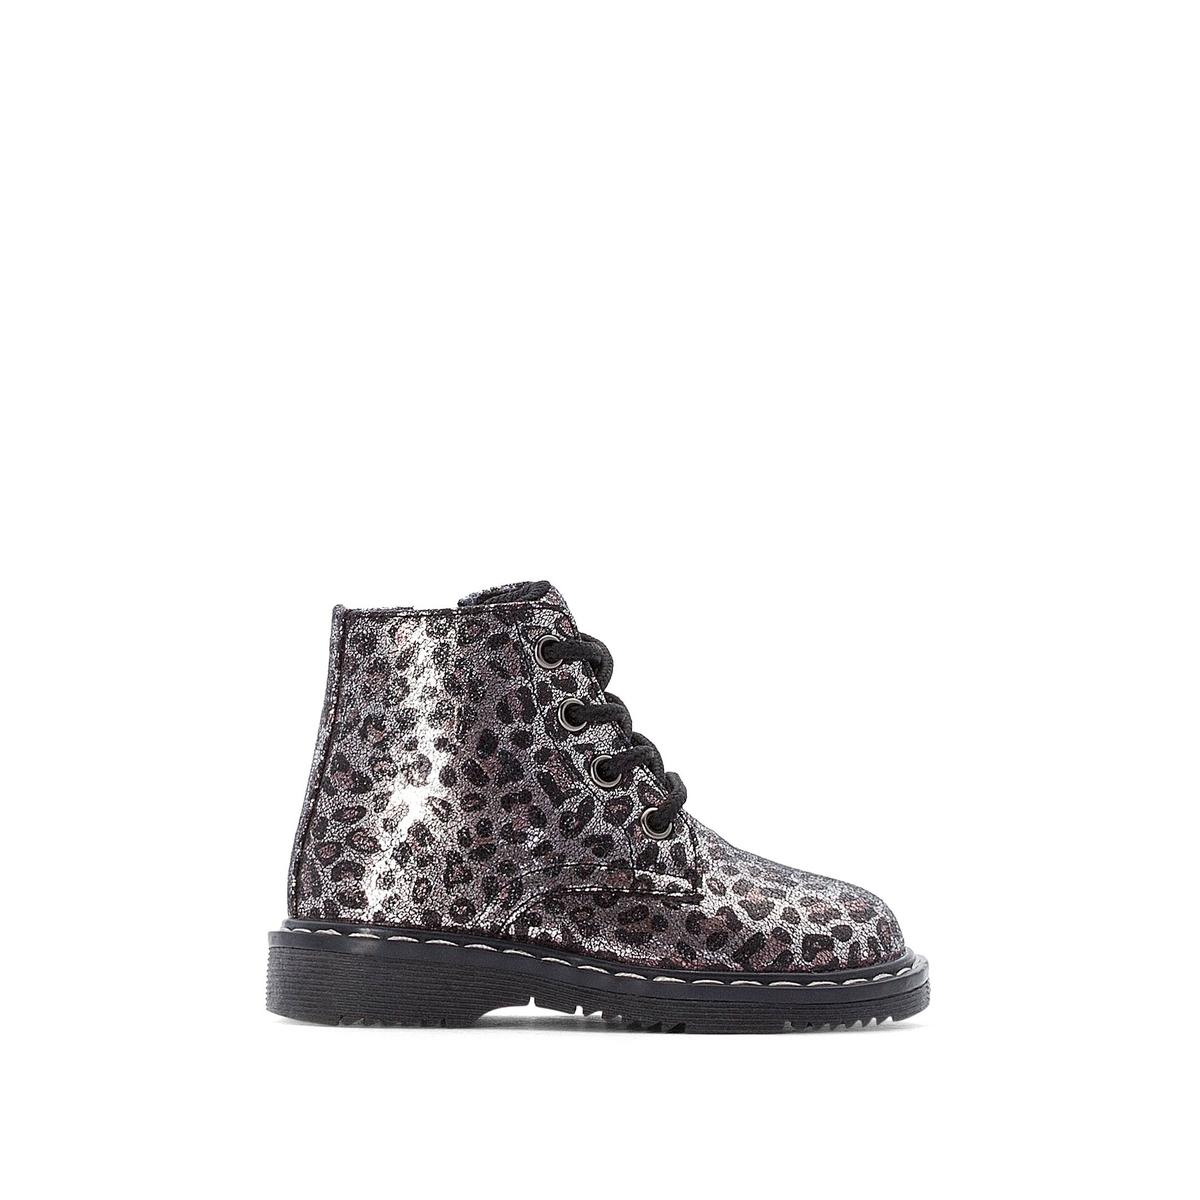 цена Ботинки La Redoute На молнии - 19 каштановый онлайн в 2017 году